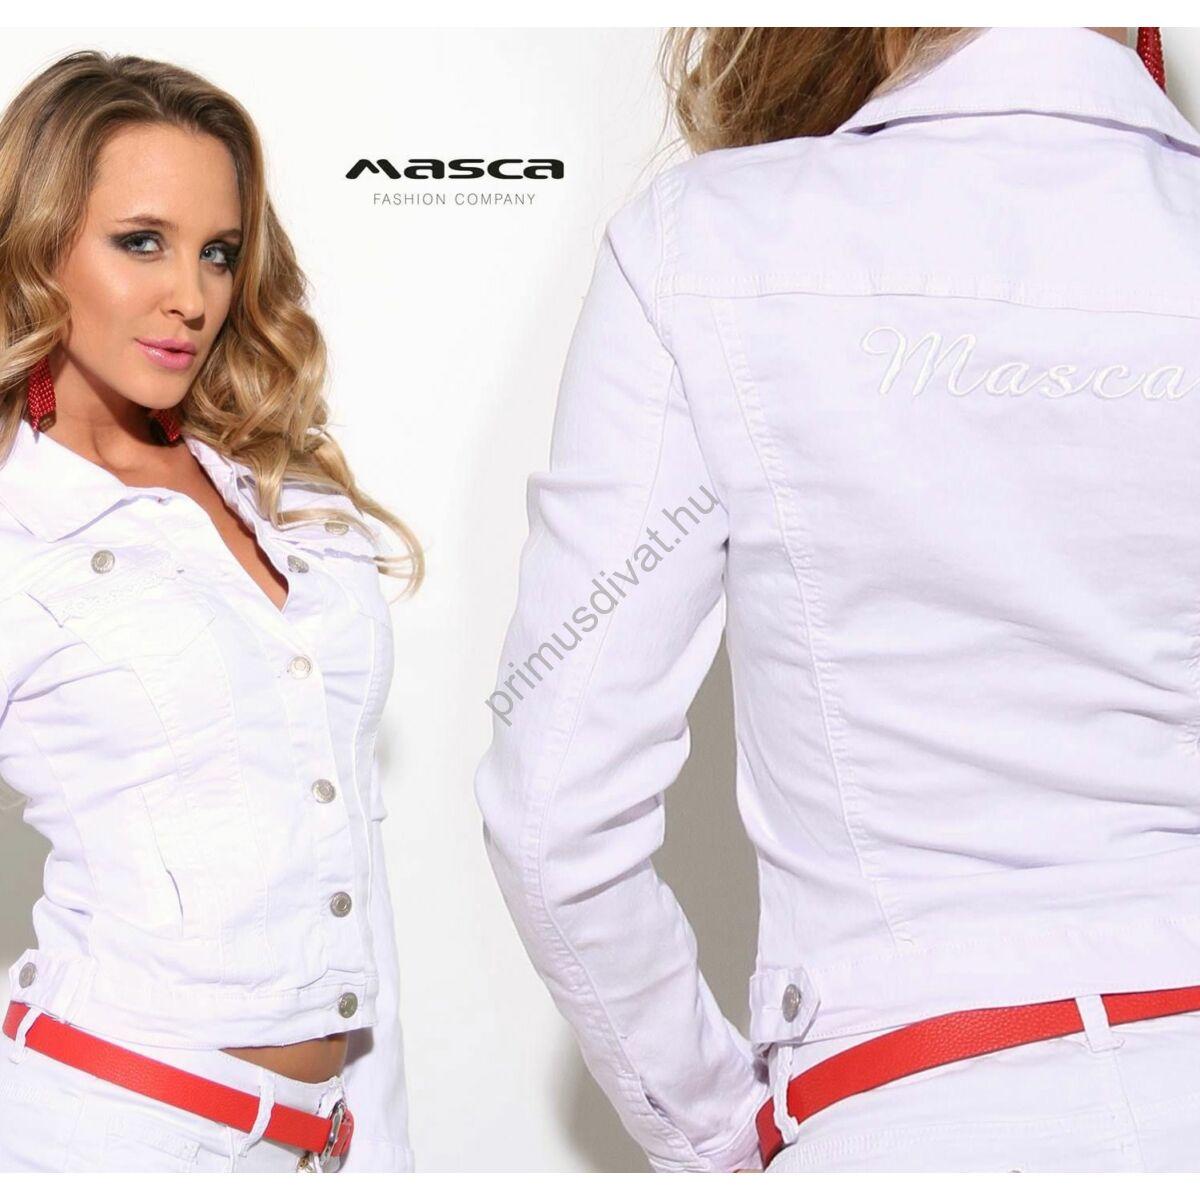 70c22ad2ba Masca Fashion fehér csipkeszegély díszítésű rugalmas fehér farmerdzseki,  hátán hímzett márkafelirattal